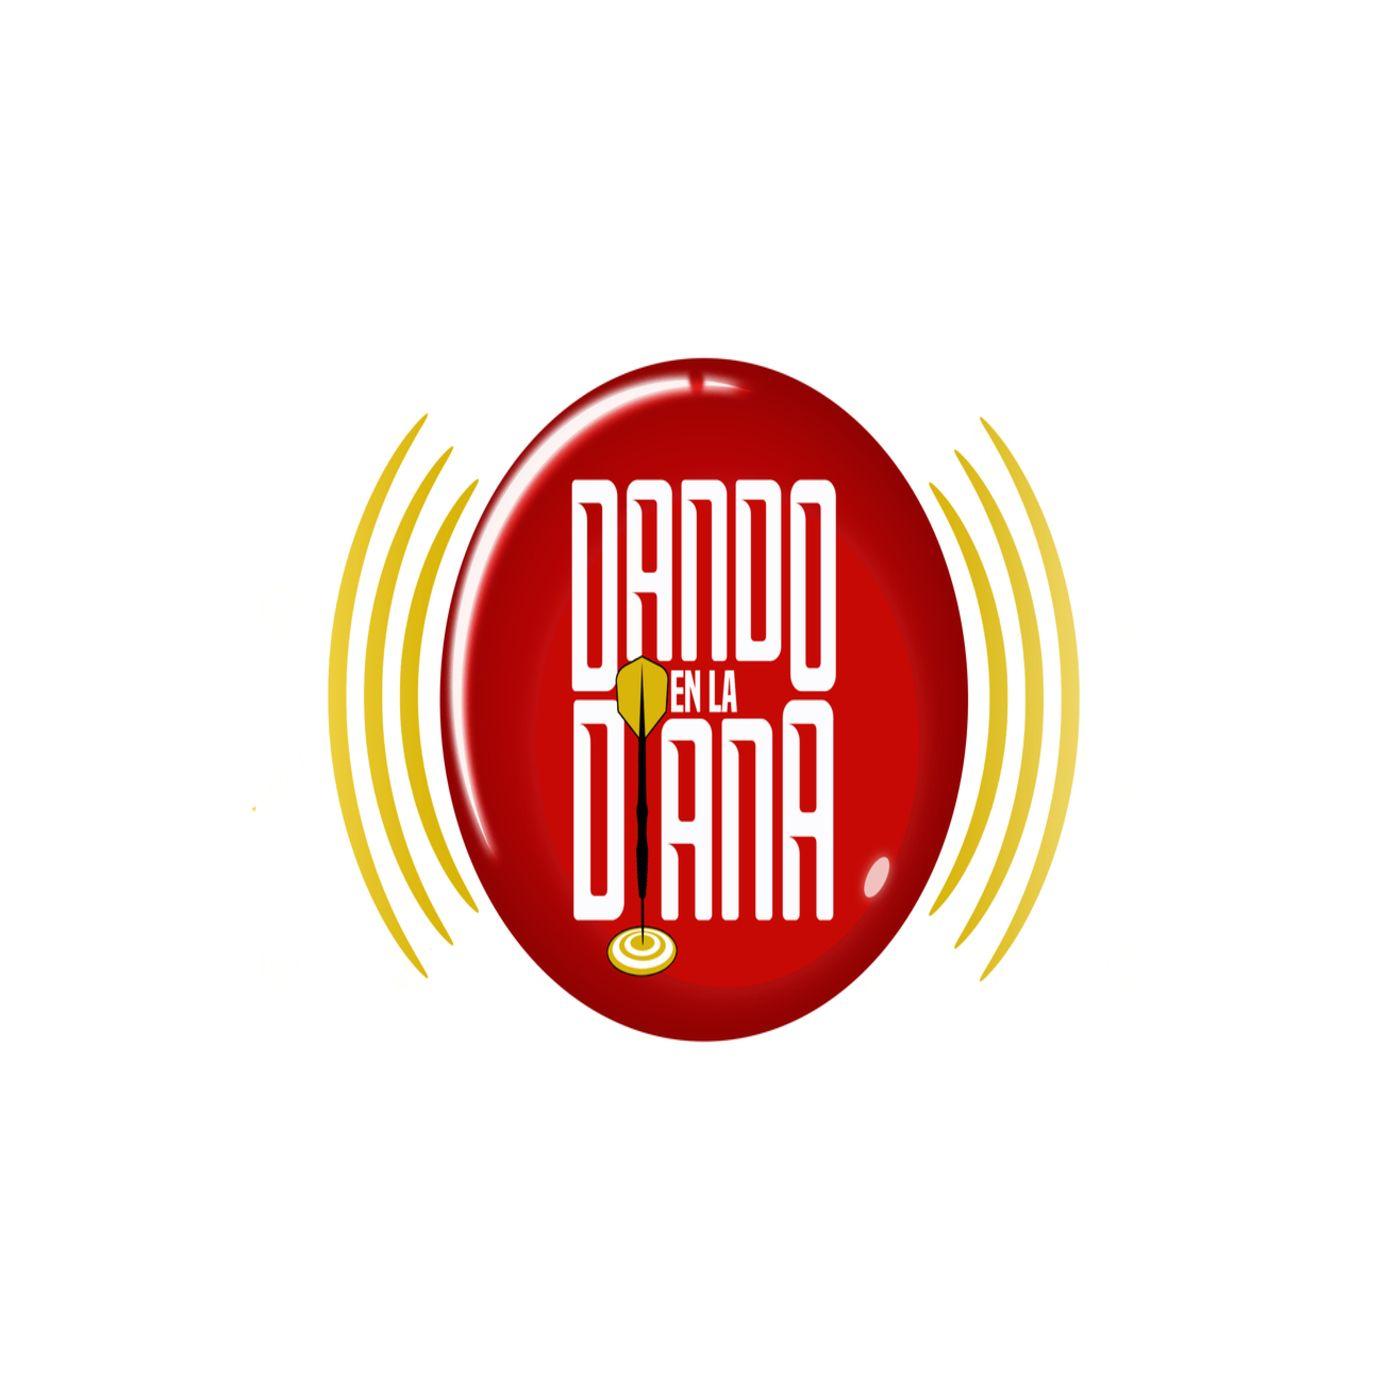 Dando en la Diana - Episodio 74 - 10 Diciembre 2020 - Jay Frias